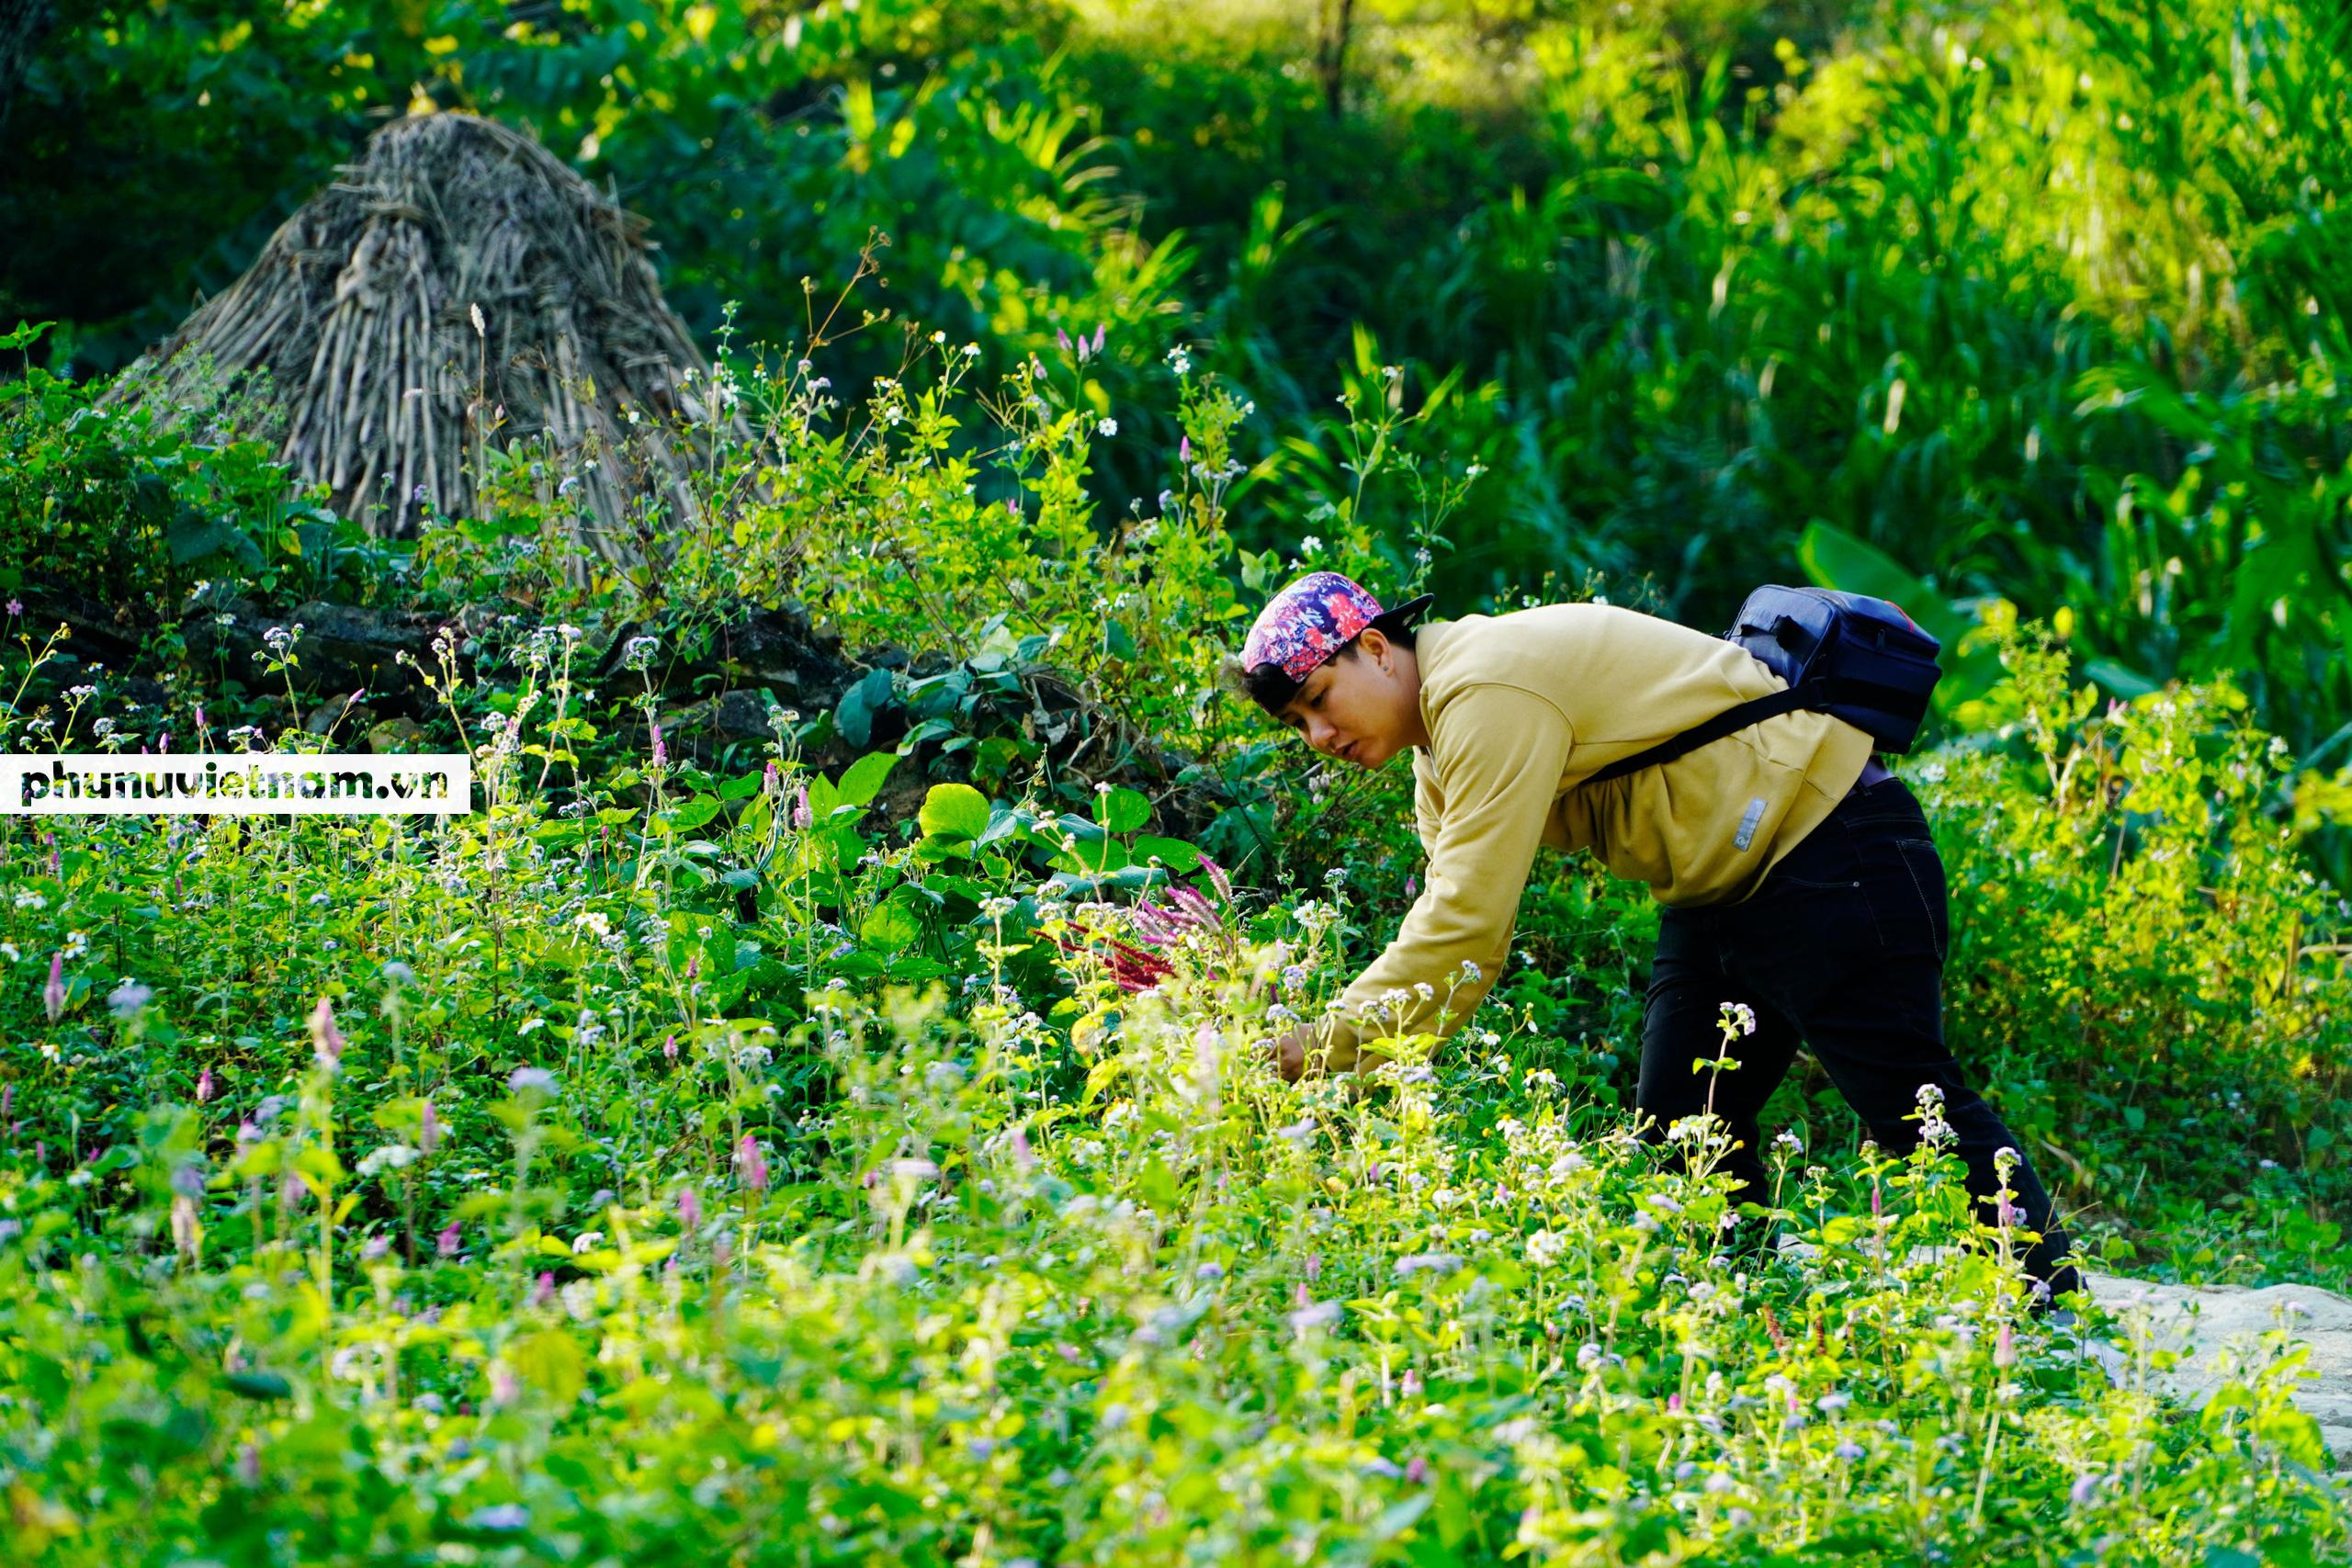 Mùa hoa tam giác mạch đong đầy nỗi nhớ trên Cao nguyên đá Hà Giang - Ảnh 14.